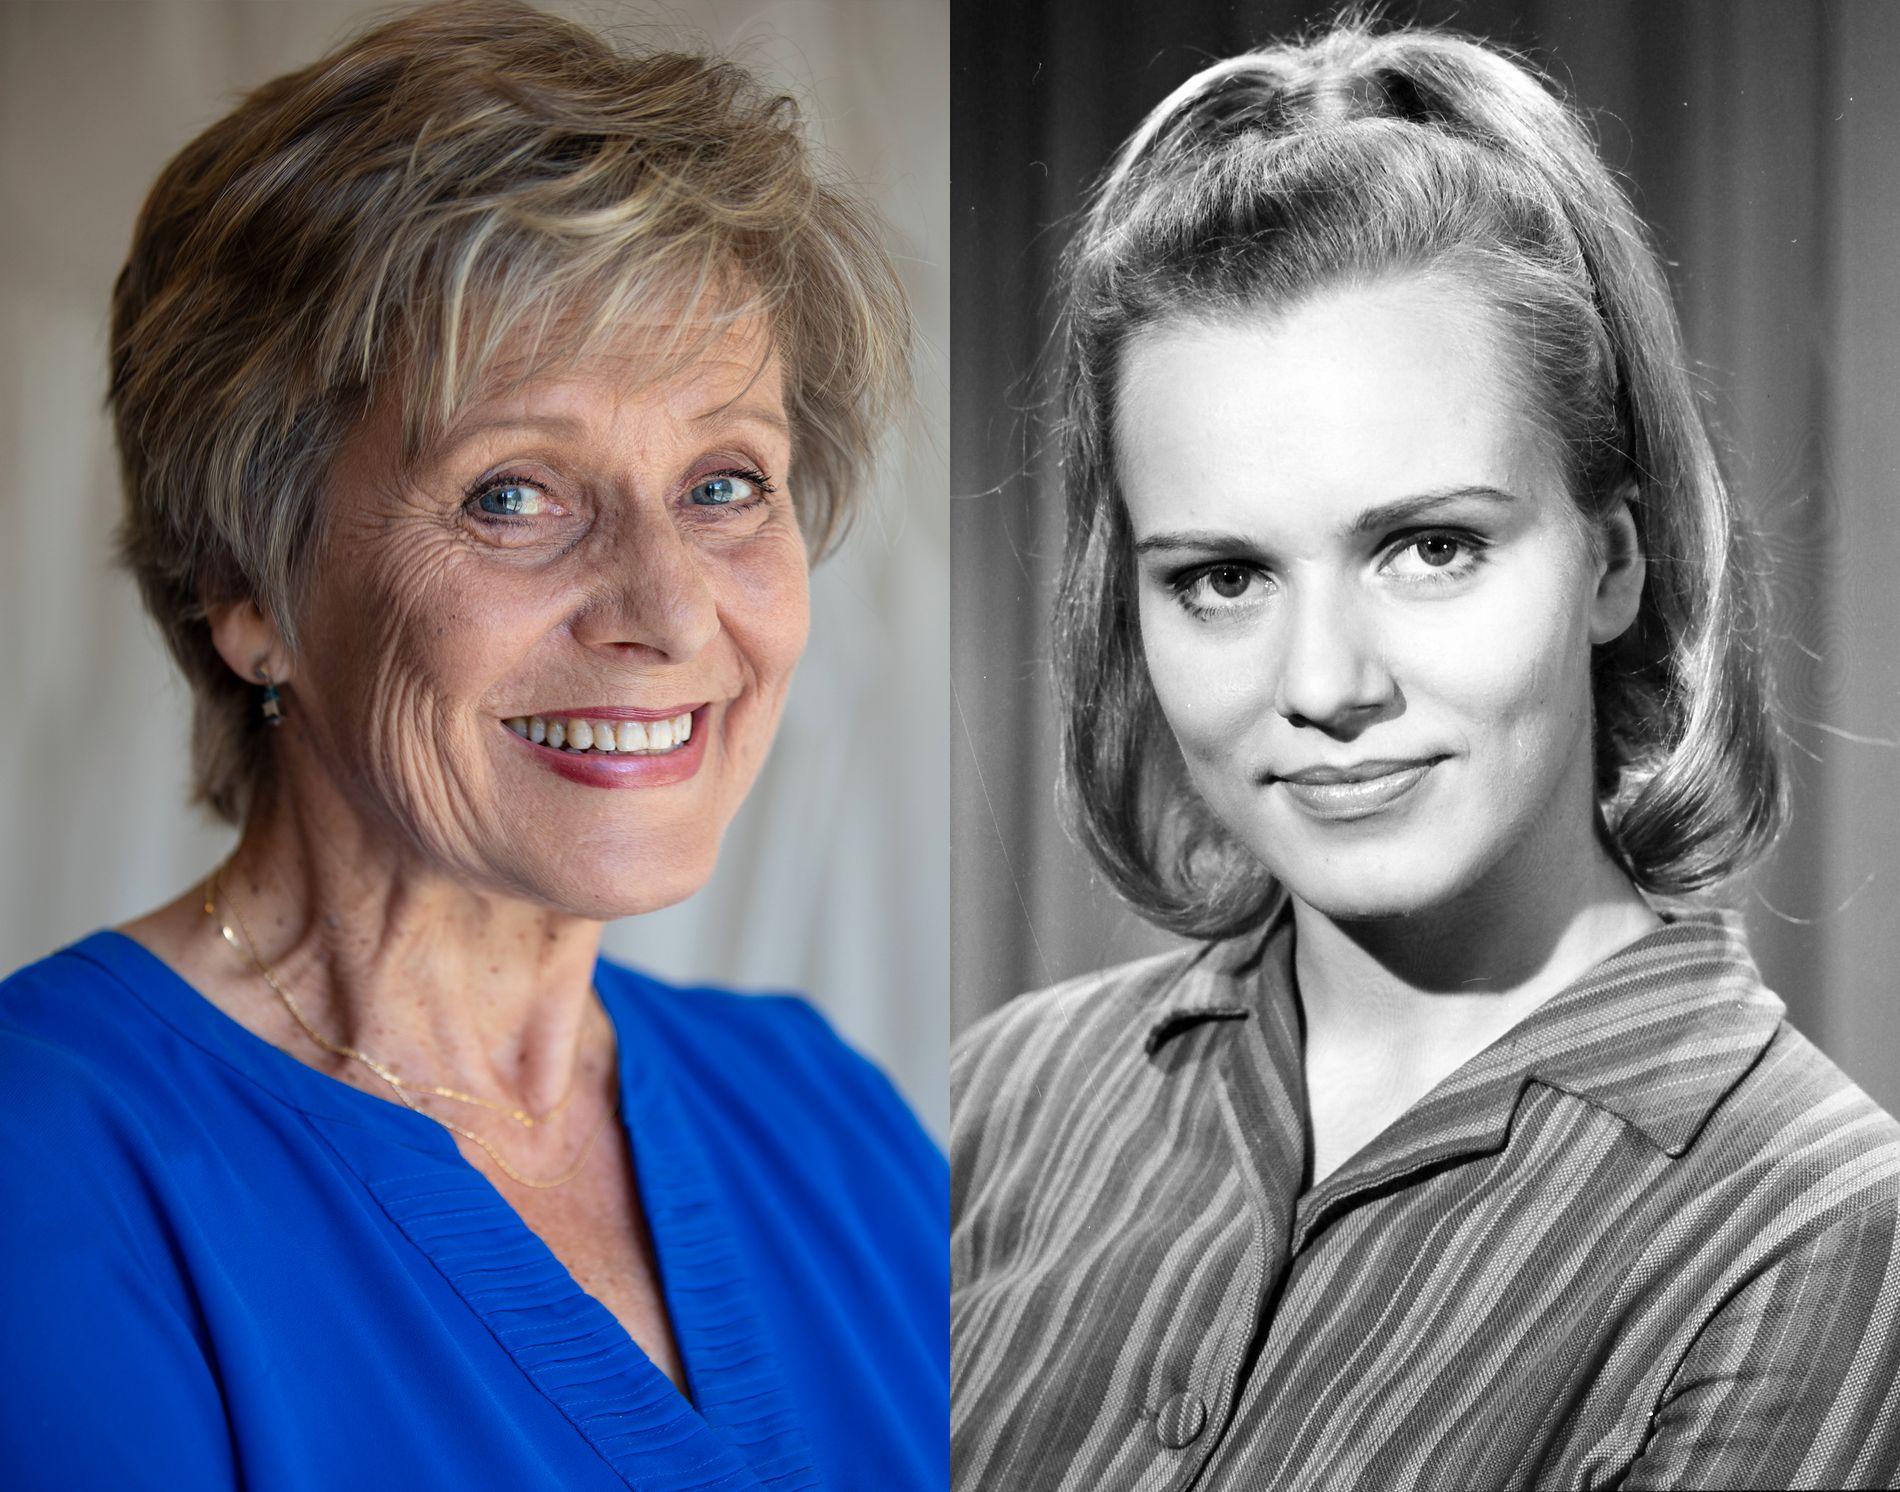 FØR: Ragnhild Sælthun Fjørtoft ble ansatt i NRK i 1969 og jobbet på Marienlyst i hele 45 år som kanalvert. Foto: NRK